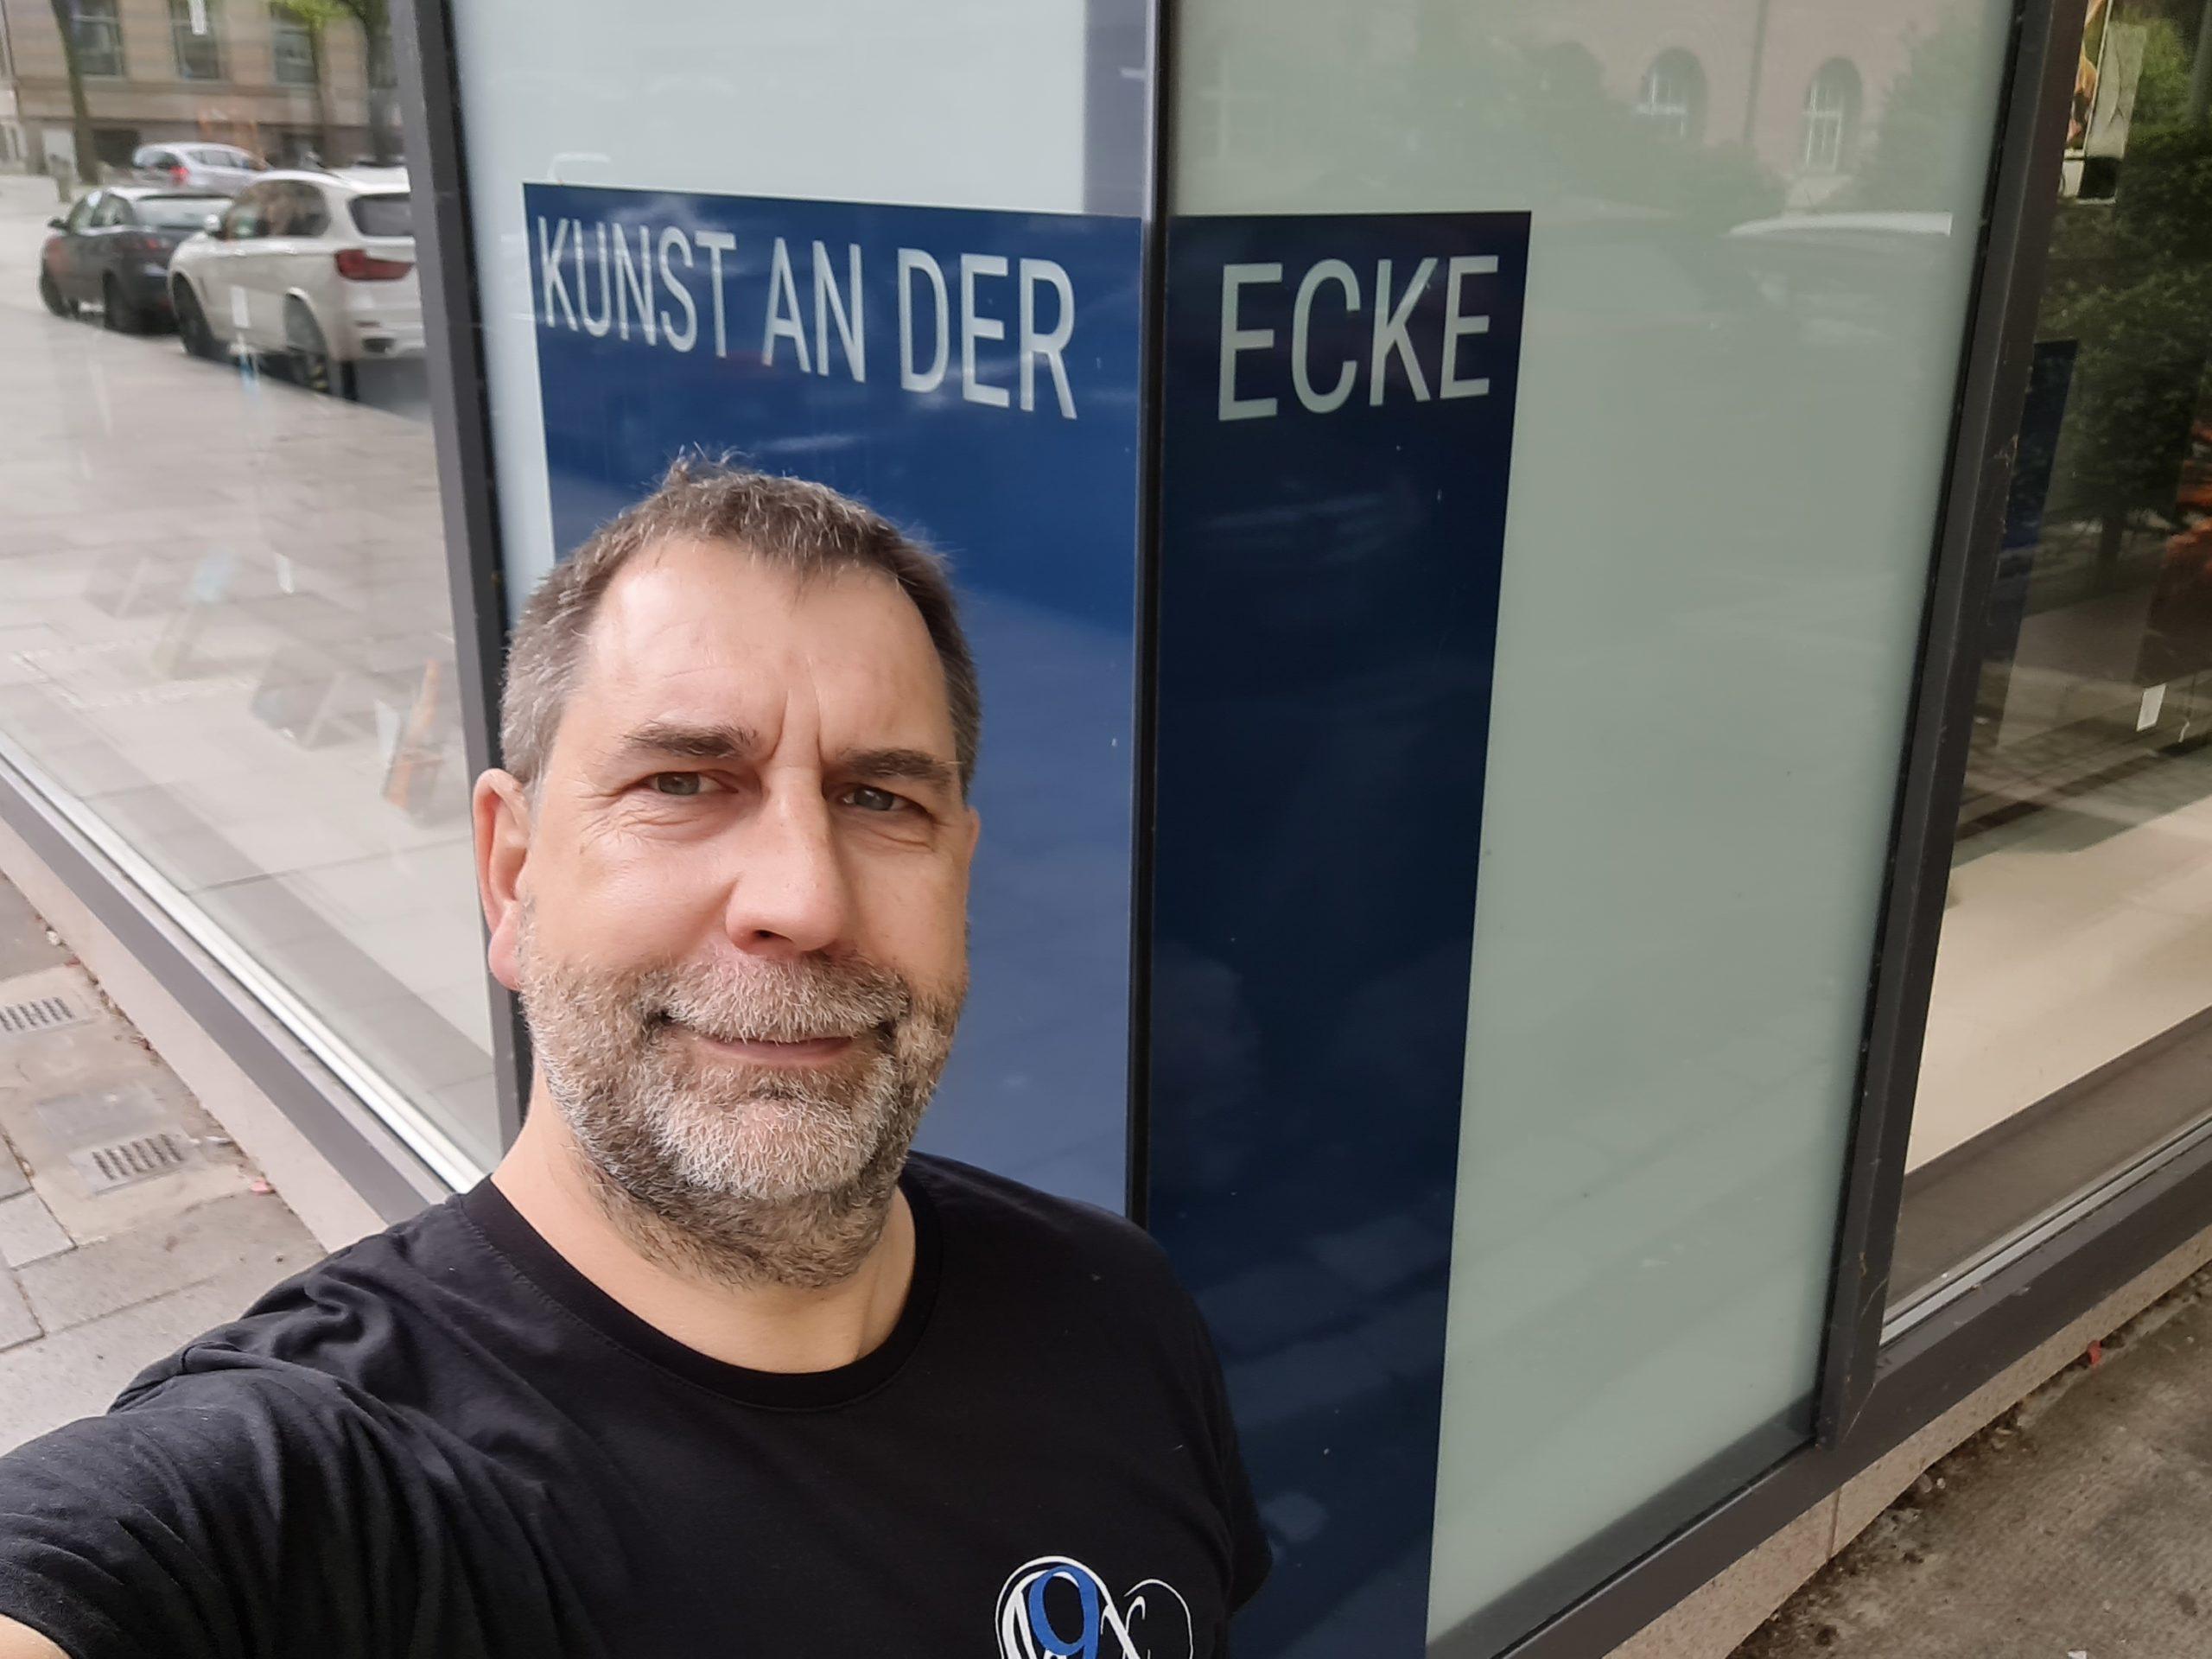 Kieler Nachrichten – Kunst an der Ecke